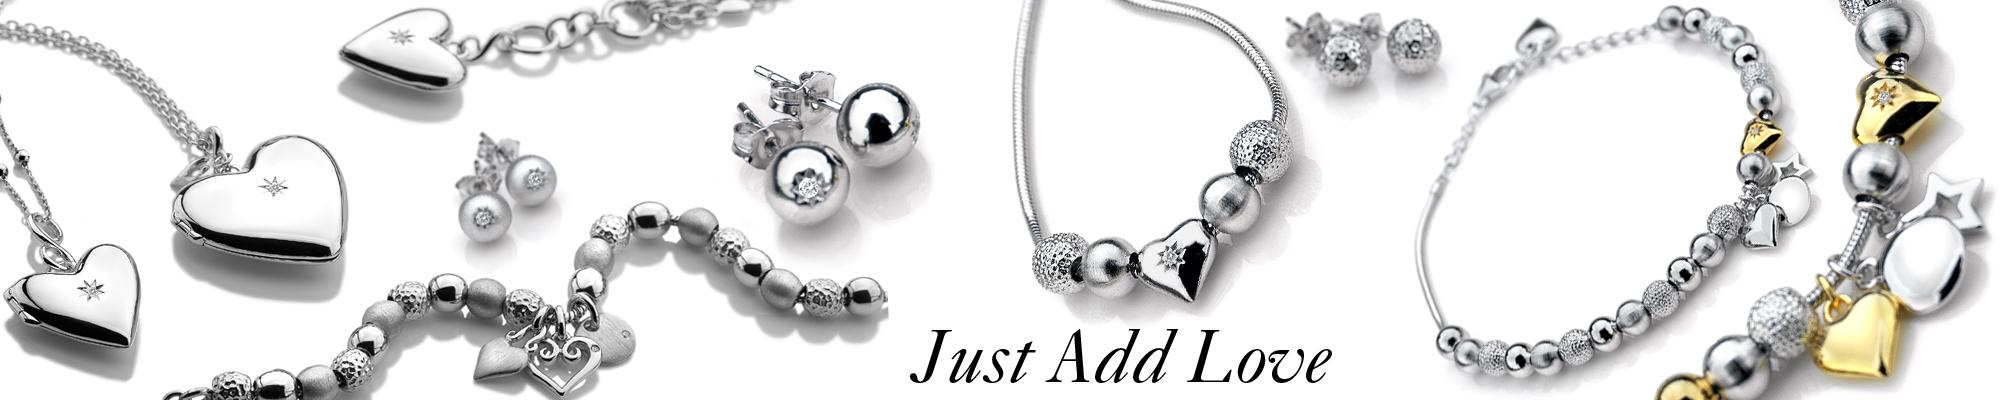 Just Add love